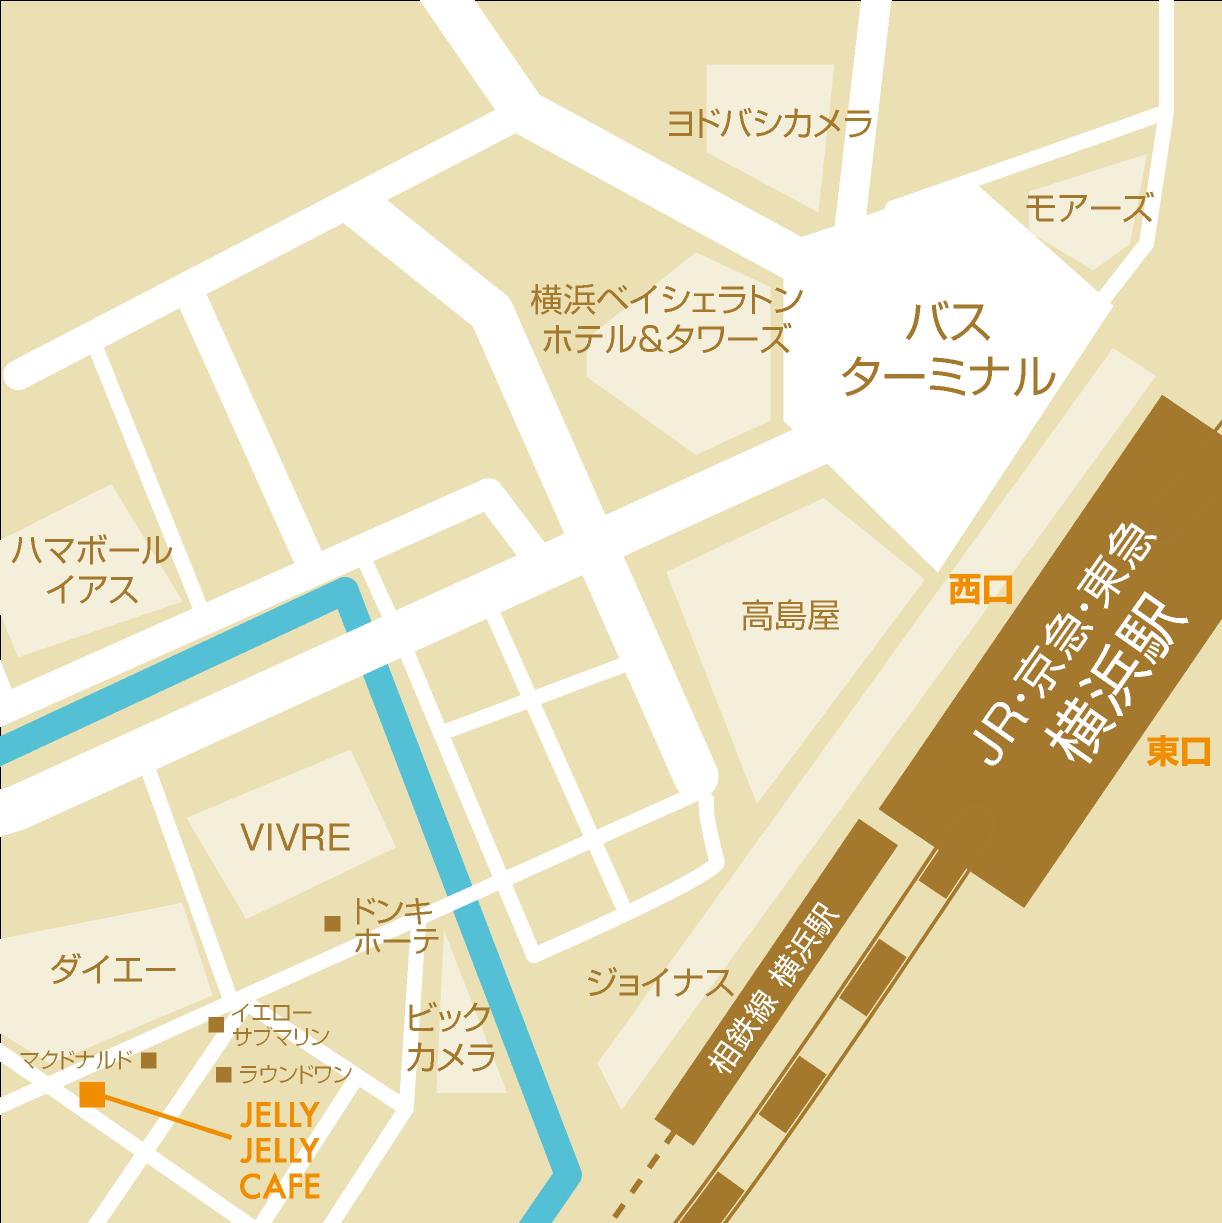 ジェリージェリーカフェ 横浜店 ボードゲームカフェ